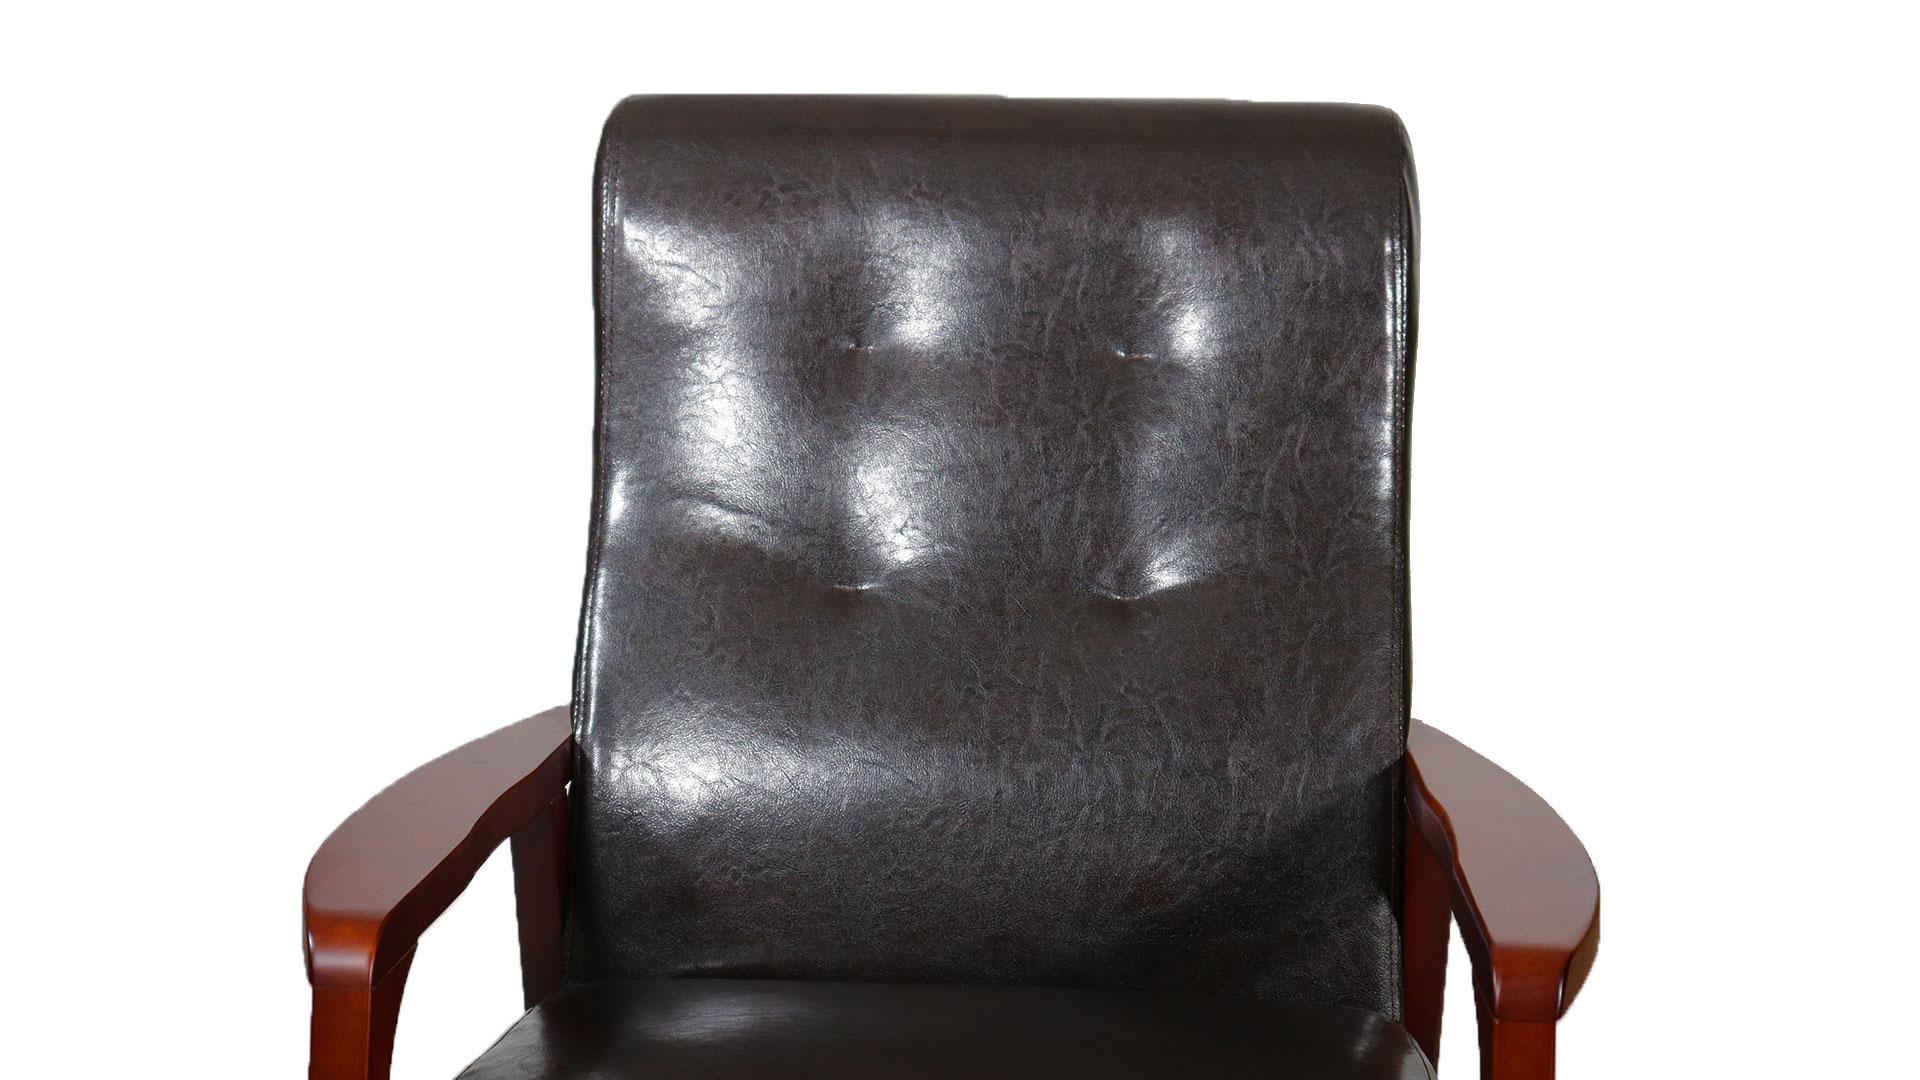 リビンズのソファ「モンブラン」の背もたれのアップの画像